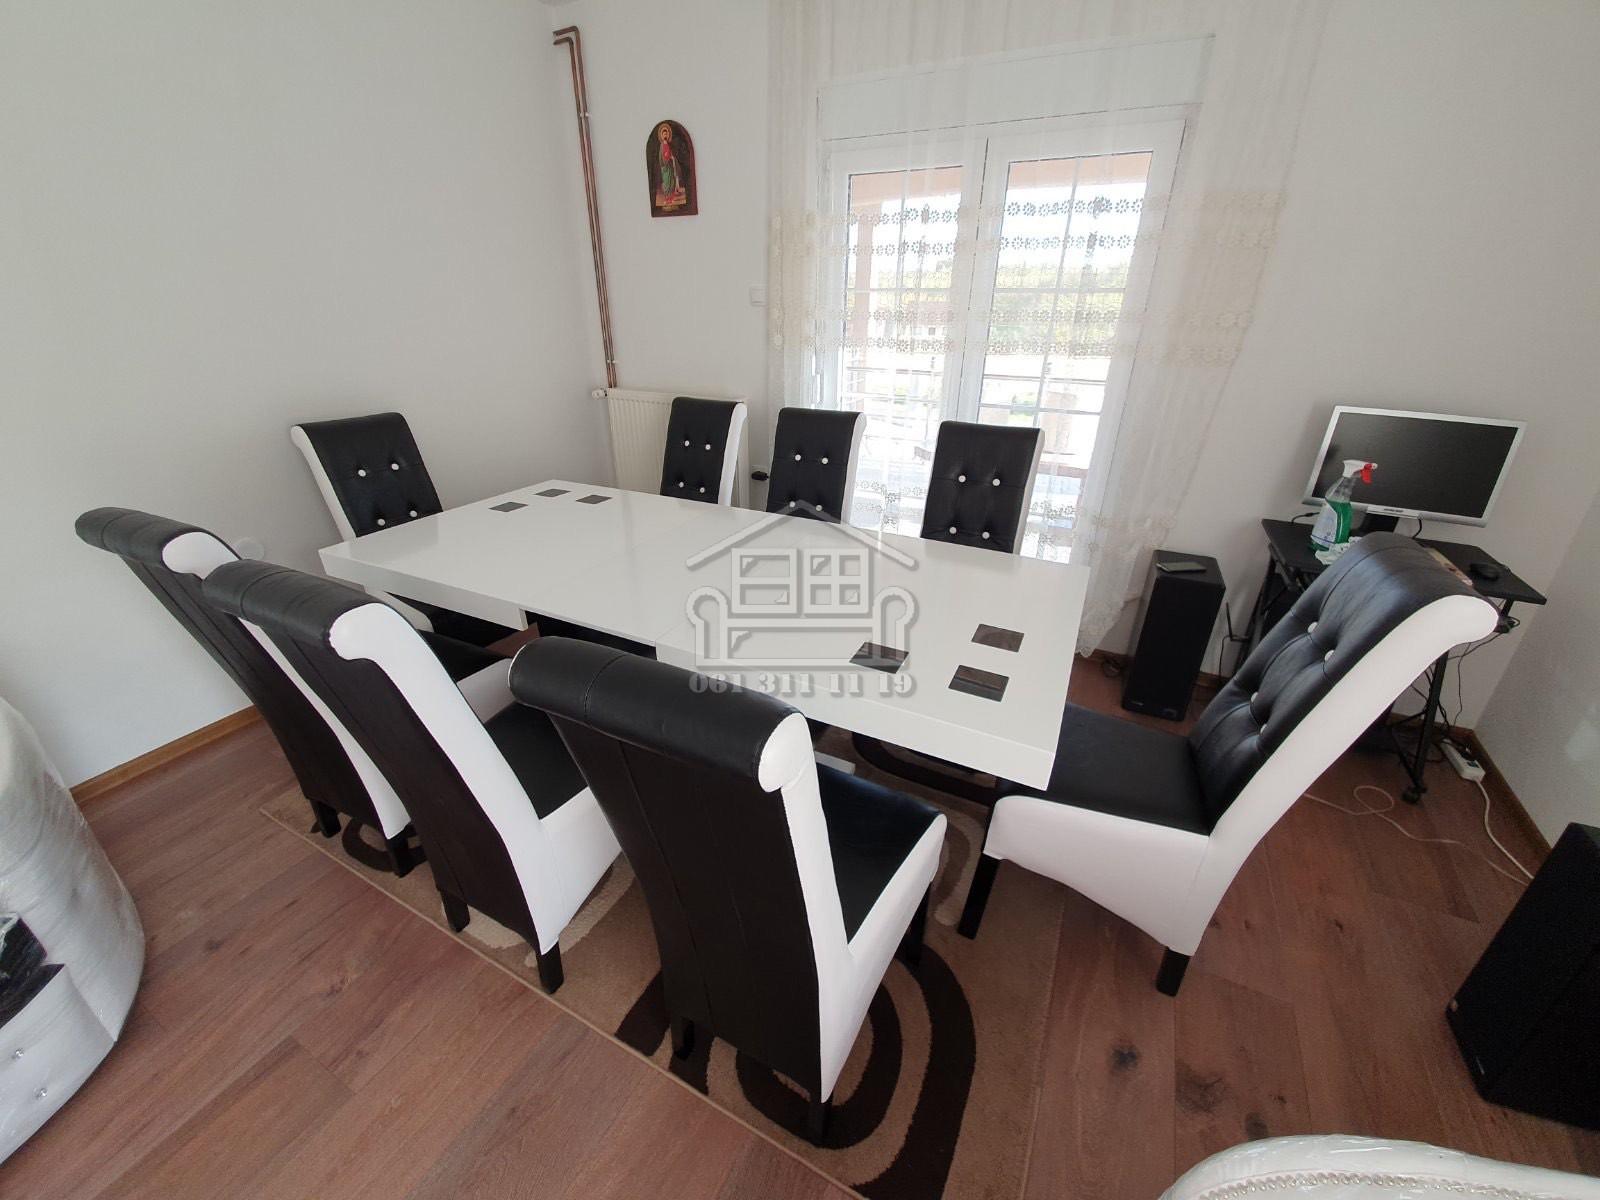 stolovi i stolice krusevac